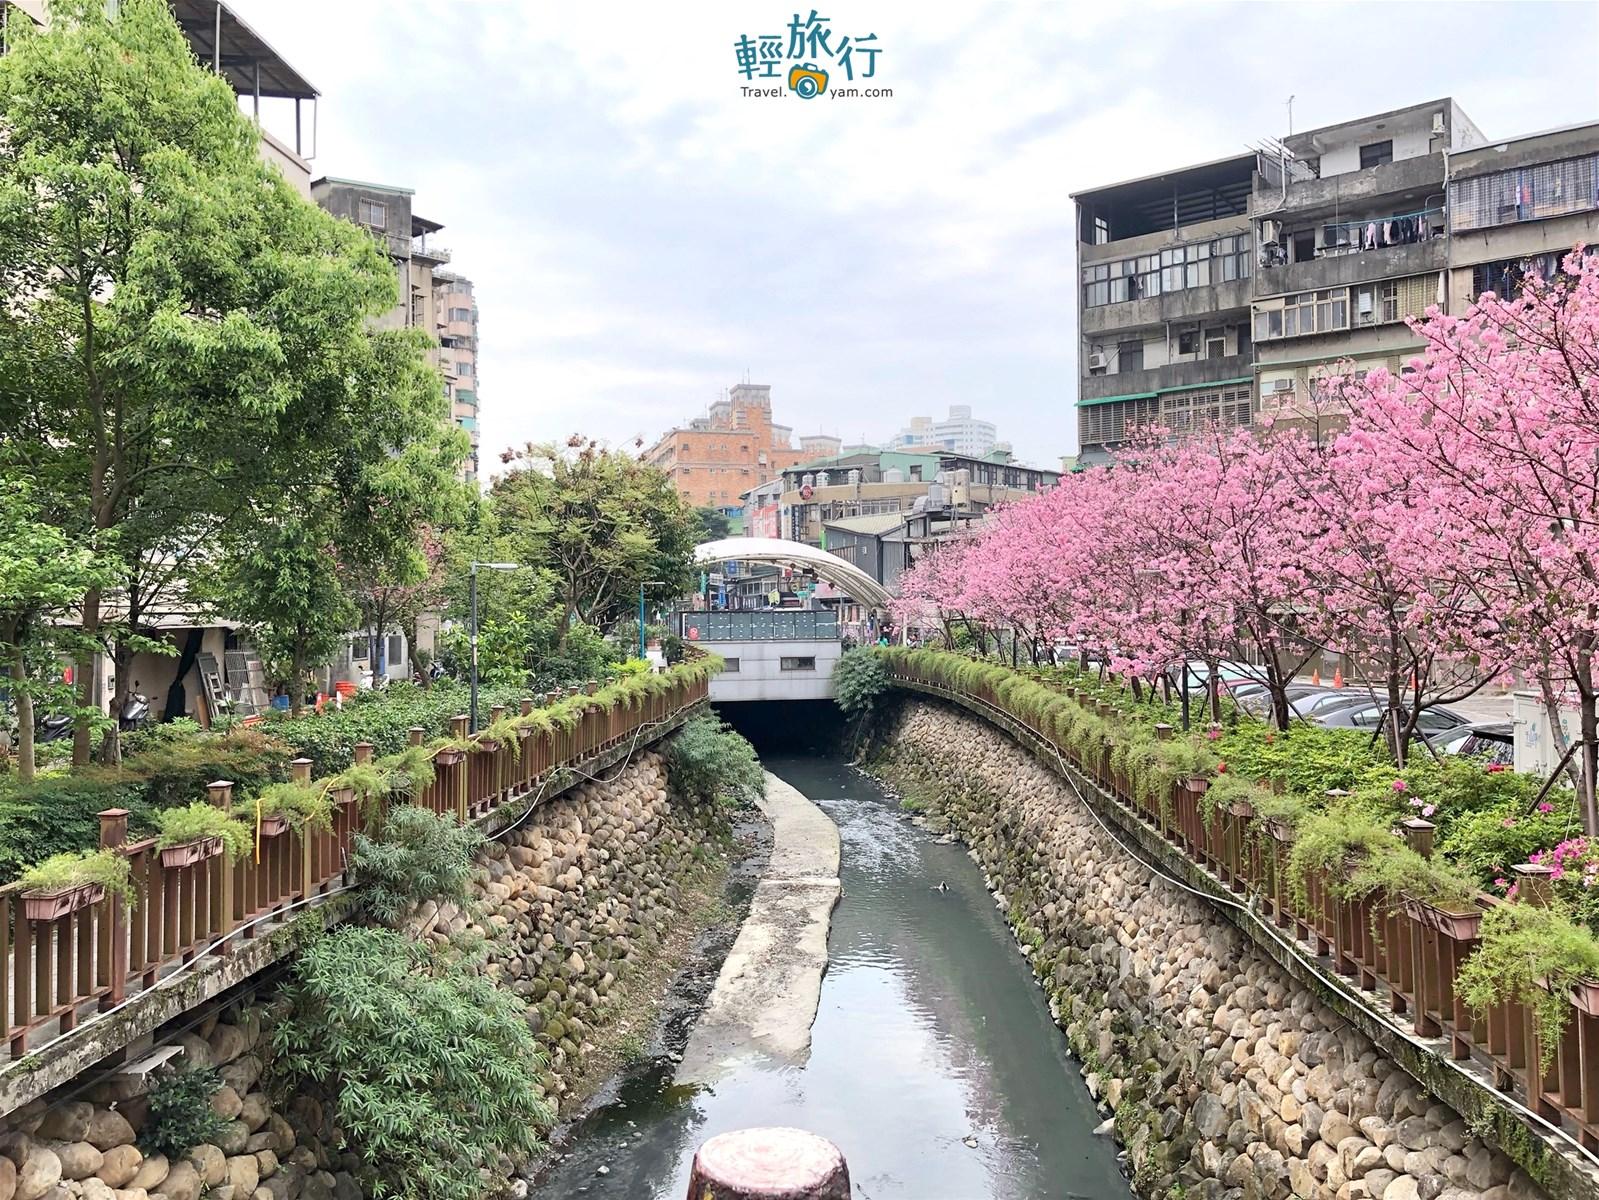 【新北-土城區】土城人的私房賞櫻景點『希望之河』 - 輕旅行